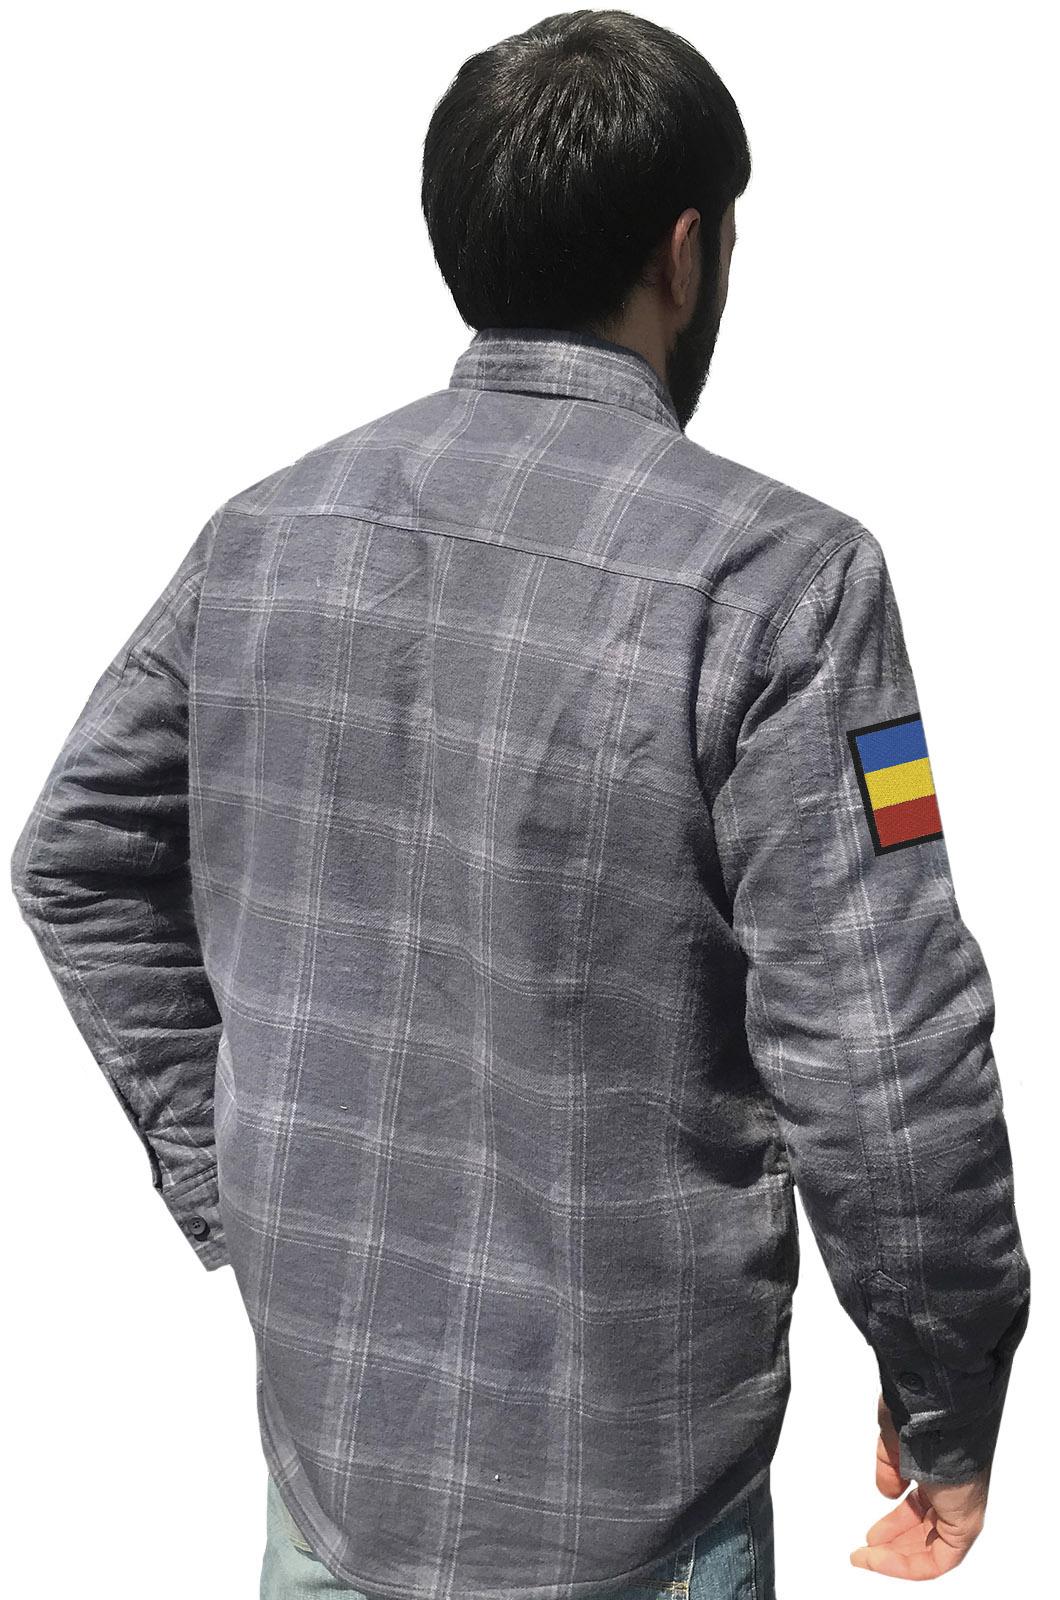 Купить строгую мужскую рубашку с вышитым шевроном Казачий Флаг онлайн выгодно